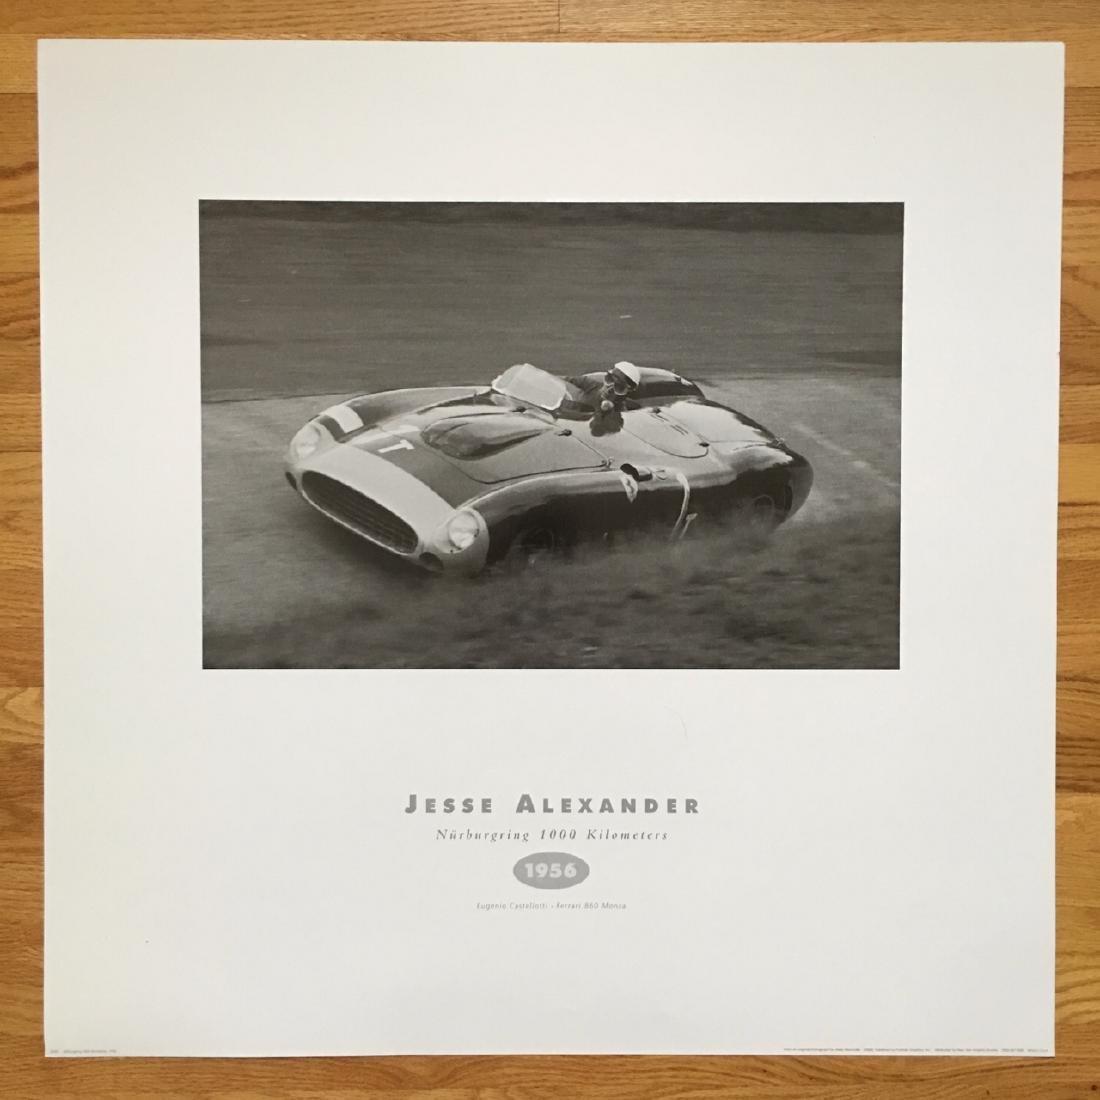 Jesse Alexander Nurburging Poster